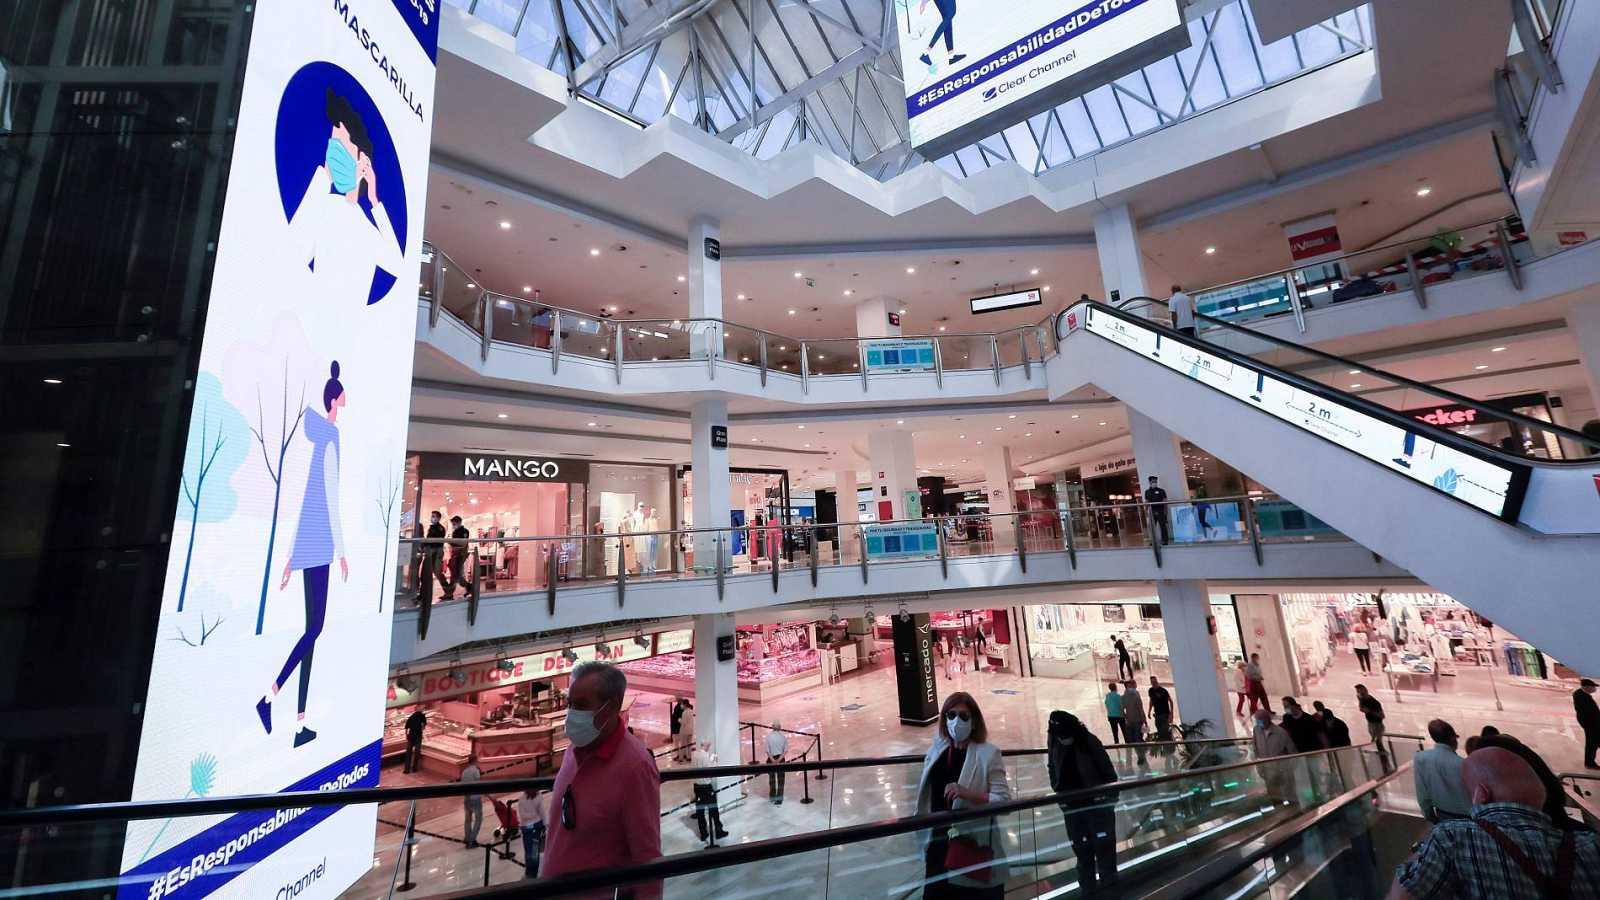 Abiertos desde este lunes los 568 centros comerciales que hay en España